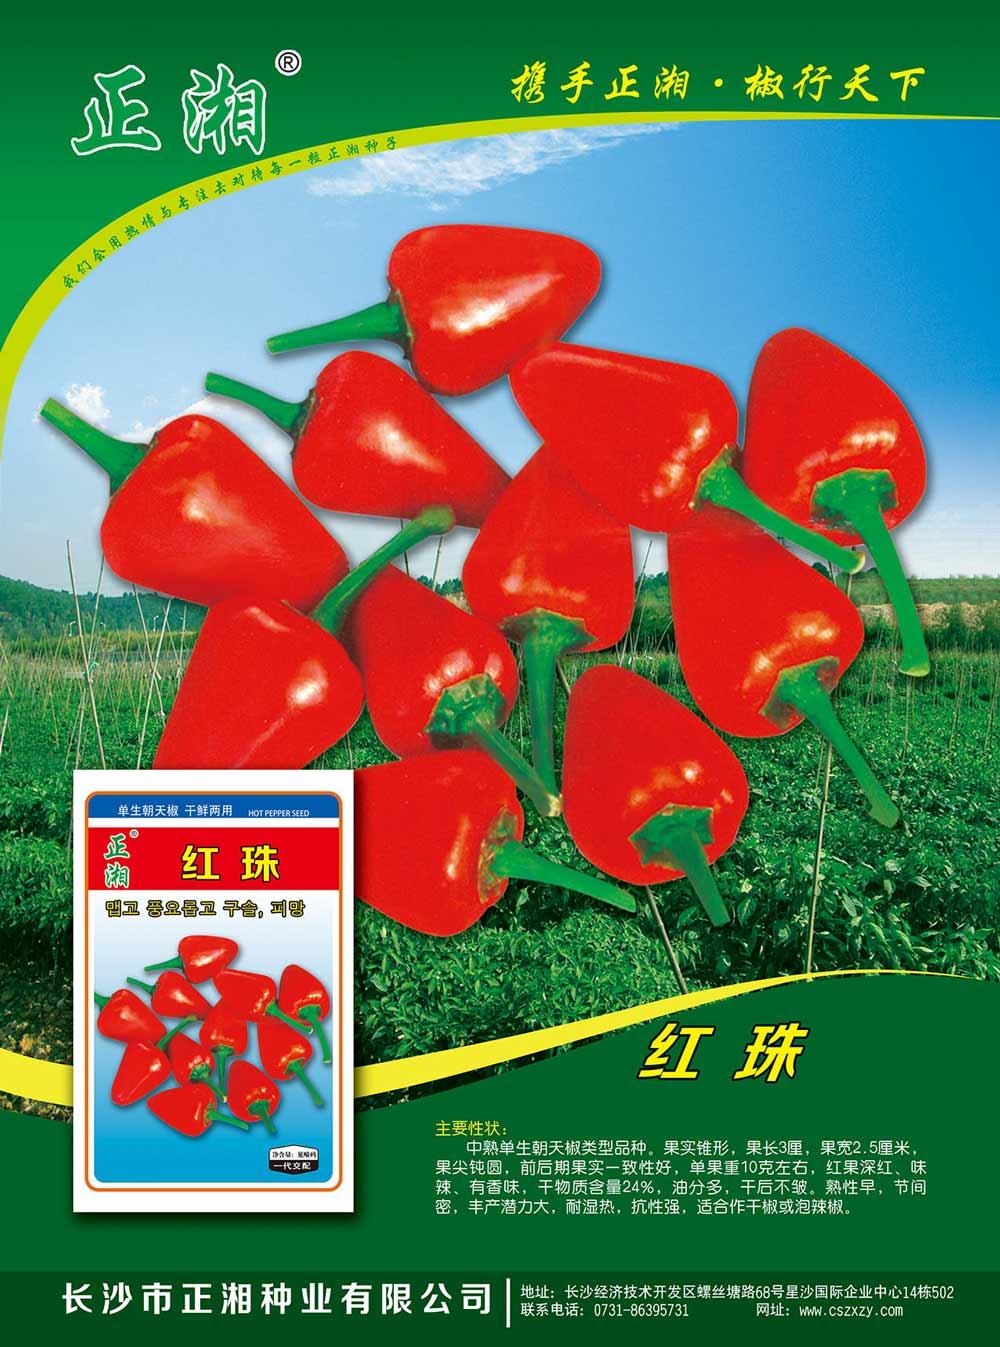 亚虎app网页版红珠朝天椒亚虎国际 唯一 官网